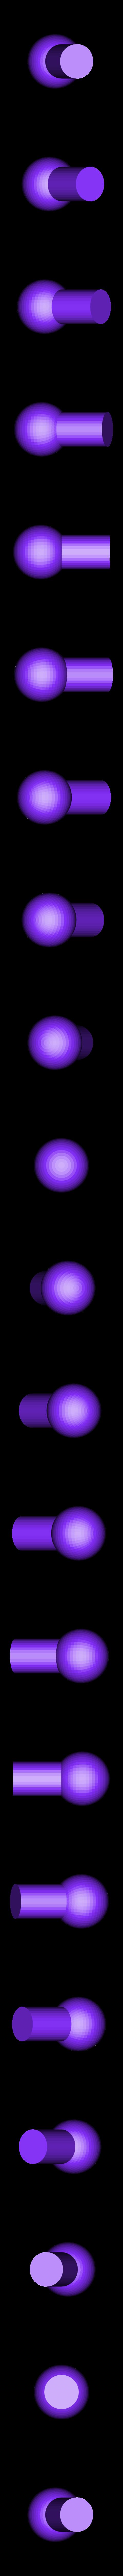 wrist_ball_794mm_10mm.stl Télécharger fichier STL gratuit TRANSFORMERS CW POSABLE HANDS 2.0 • Design pour impression 3D, sickofyou